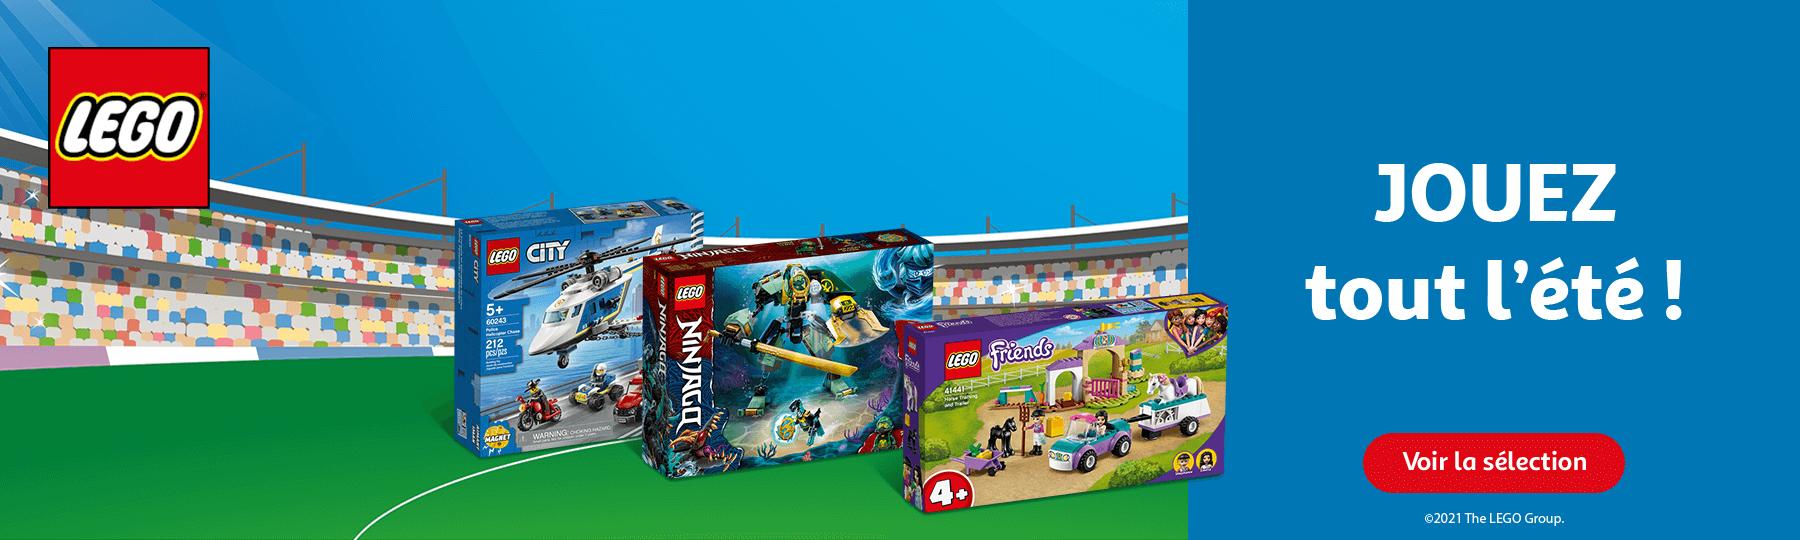 LEGO, jouez tout l'été !